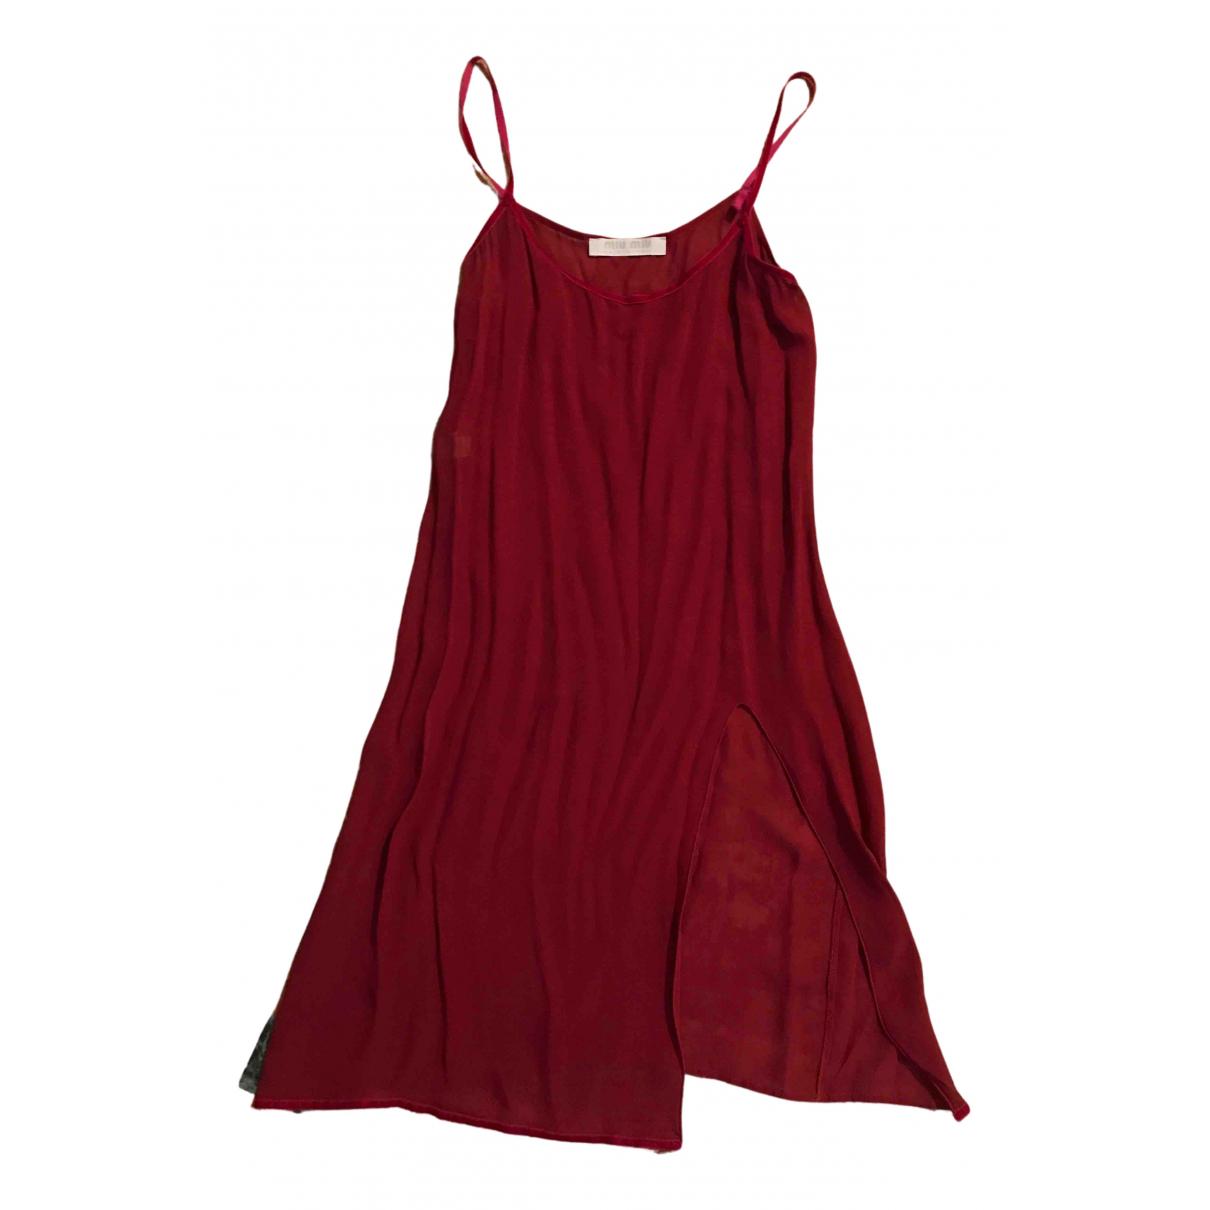 Miu Miu \N Kleid in  Bordeauxrot Viskose